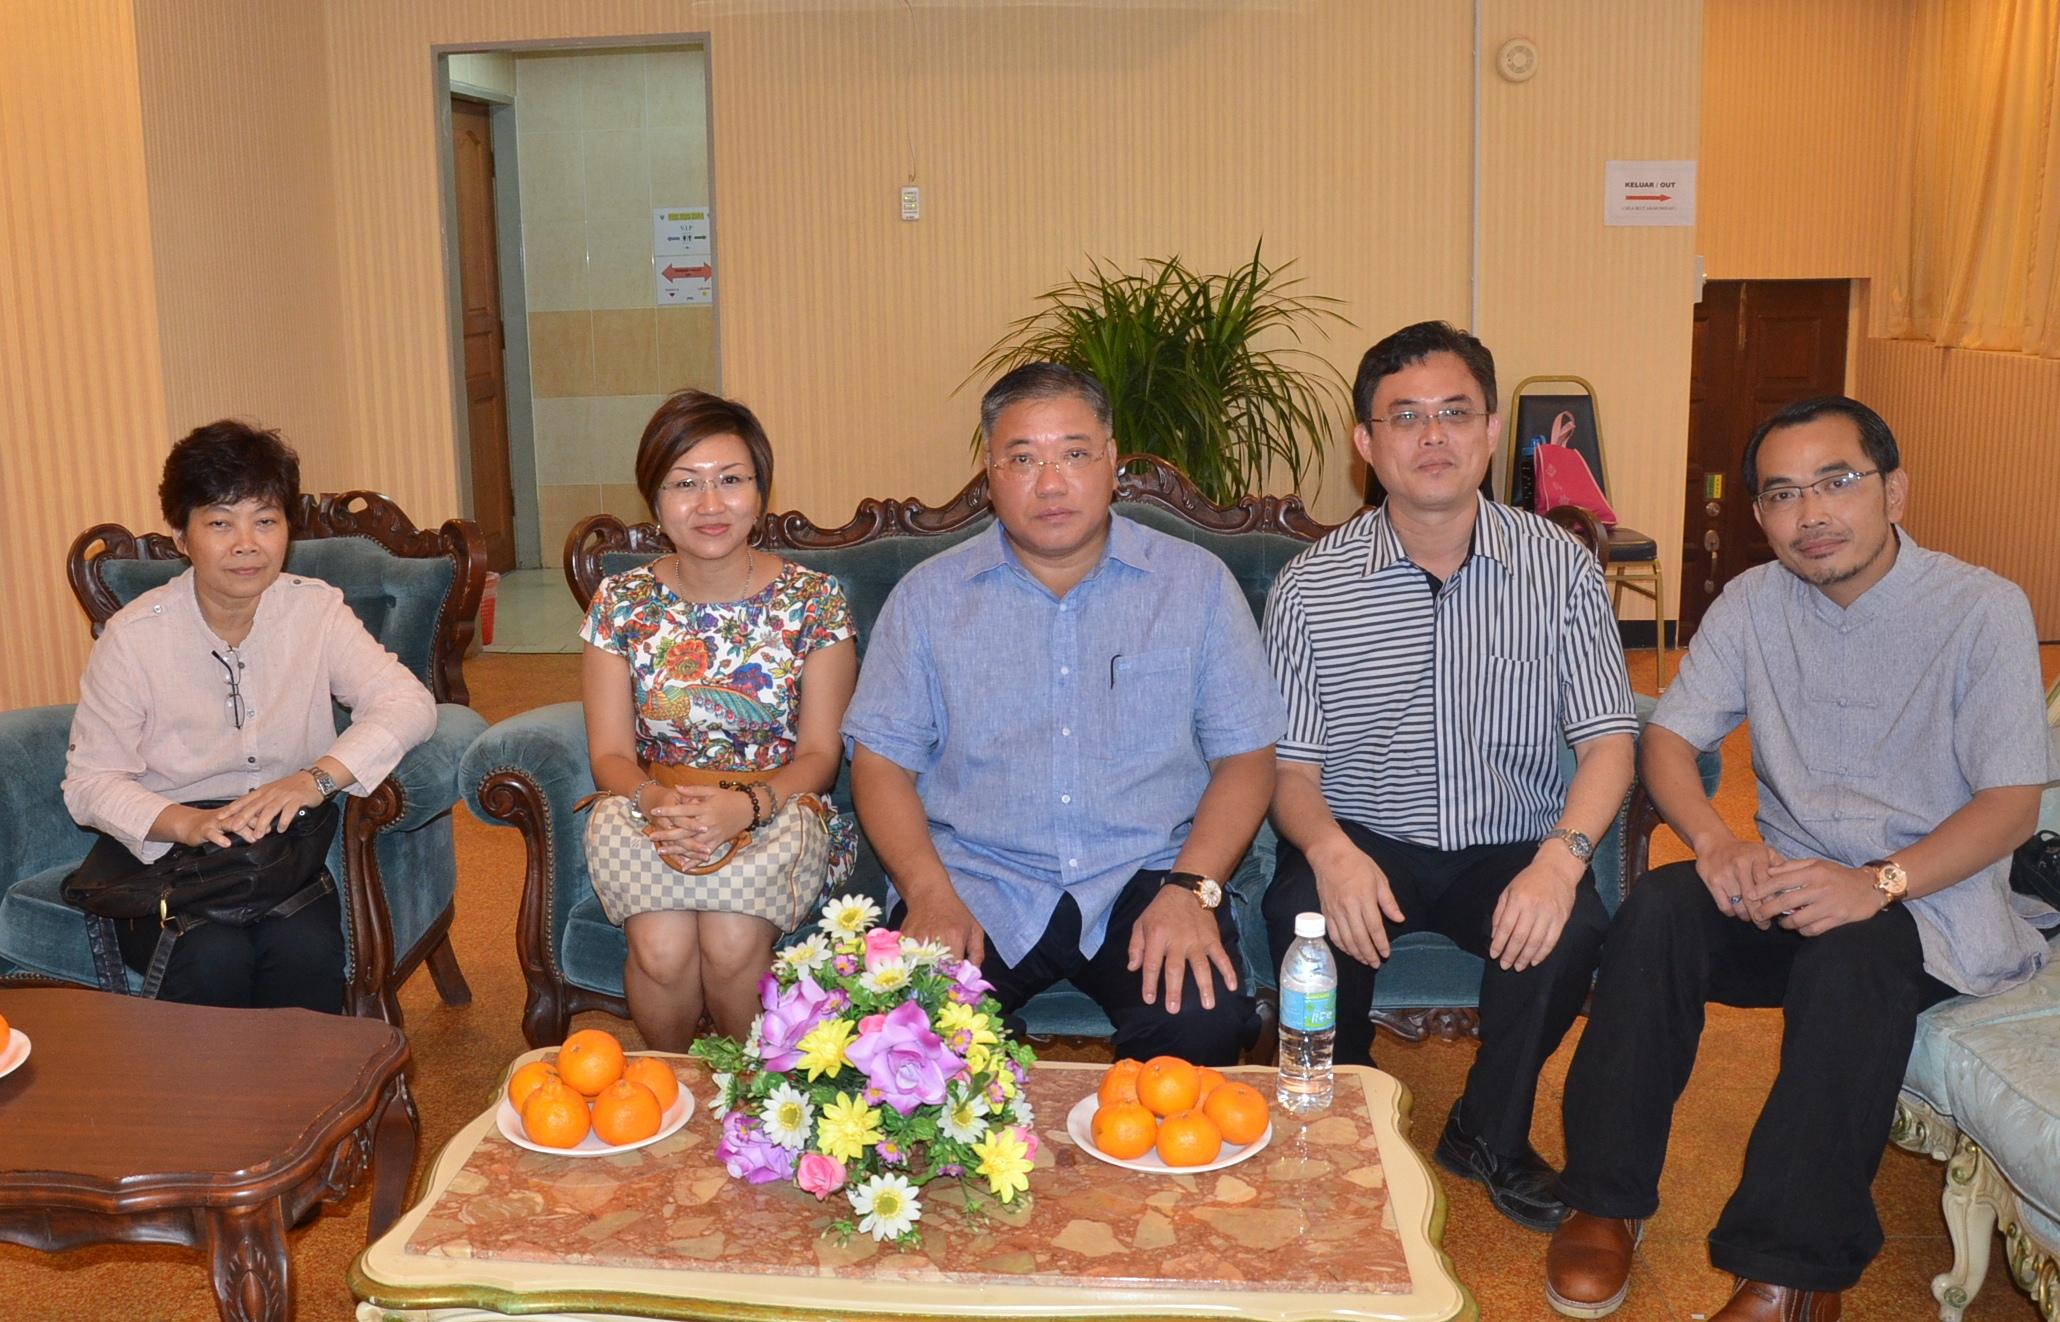 民都鲁国会议员张庆信与人联党青年团总团长陈开(右二)、中央执行秘书官水华(左一)及妇女组主席郑丽萍(左二)一起合影。